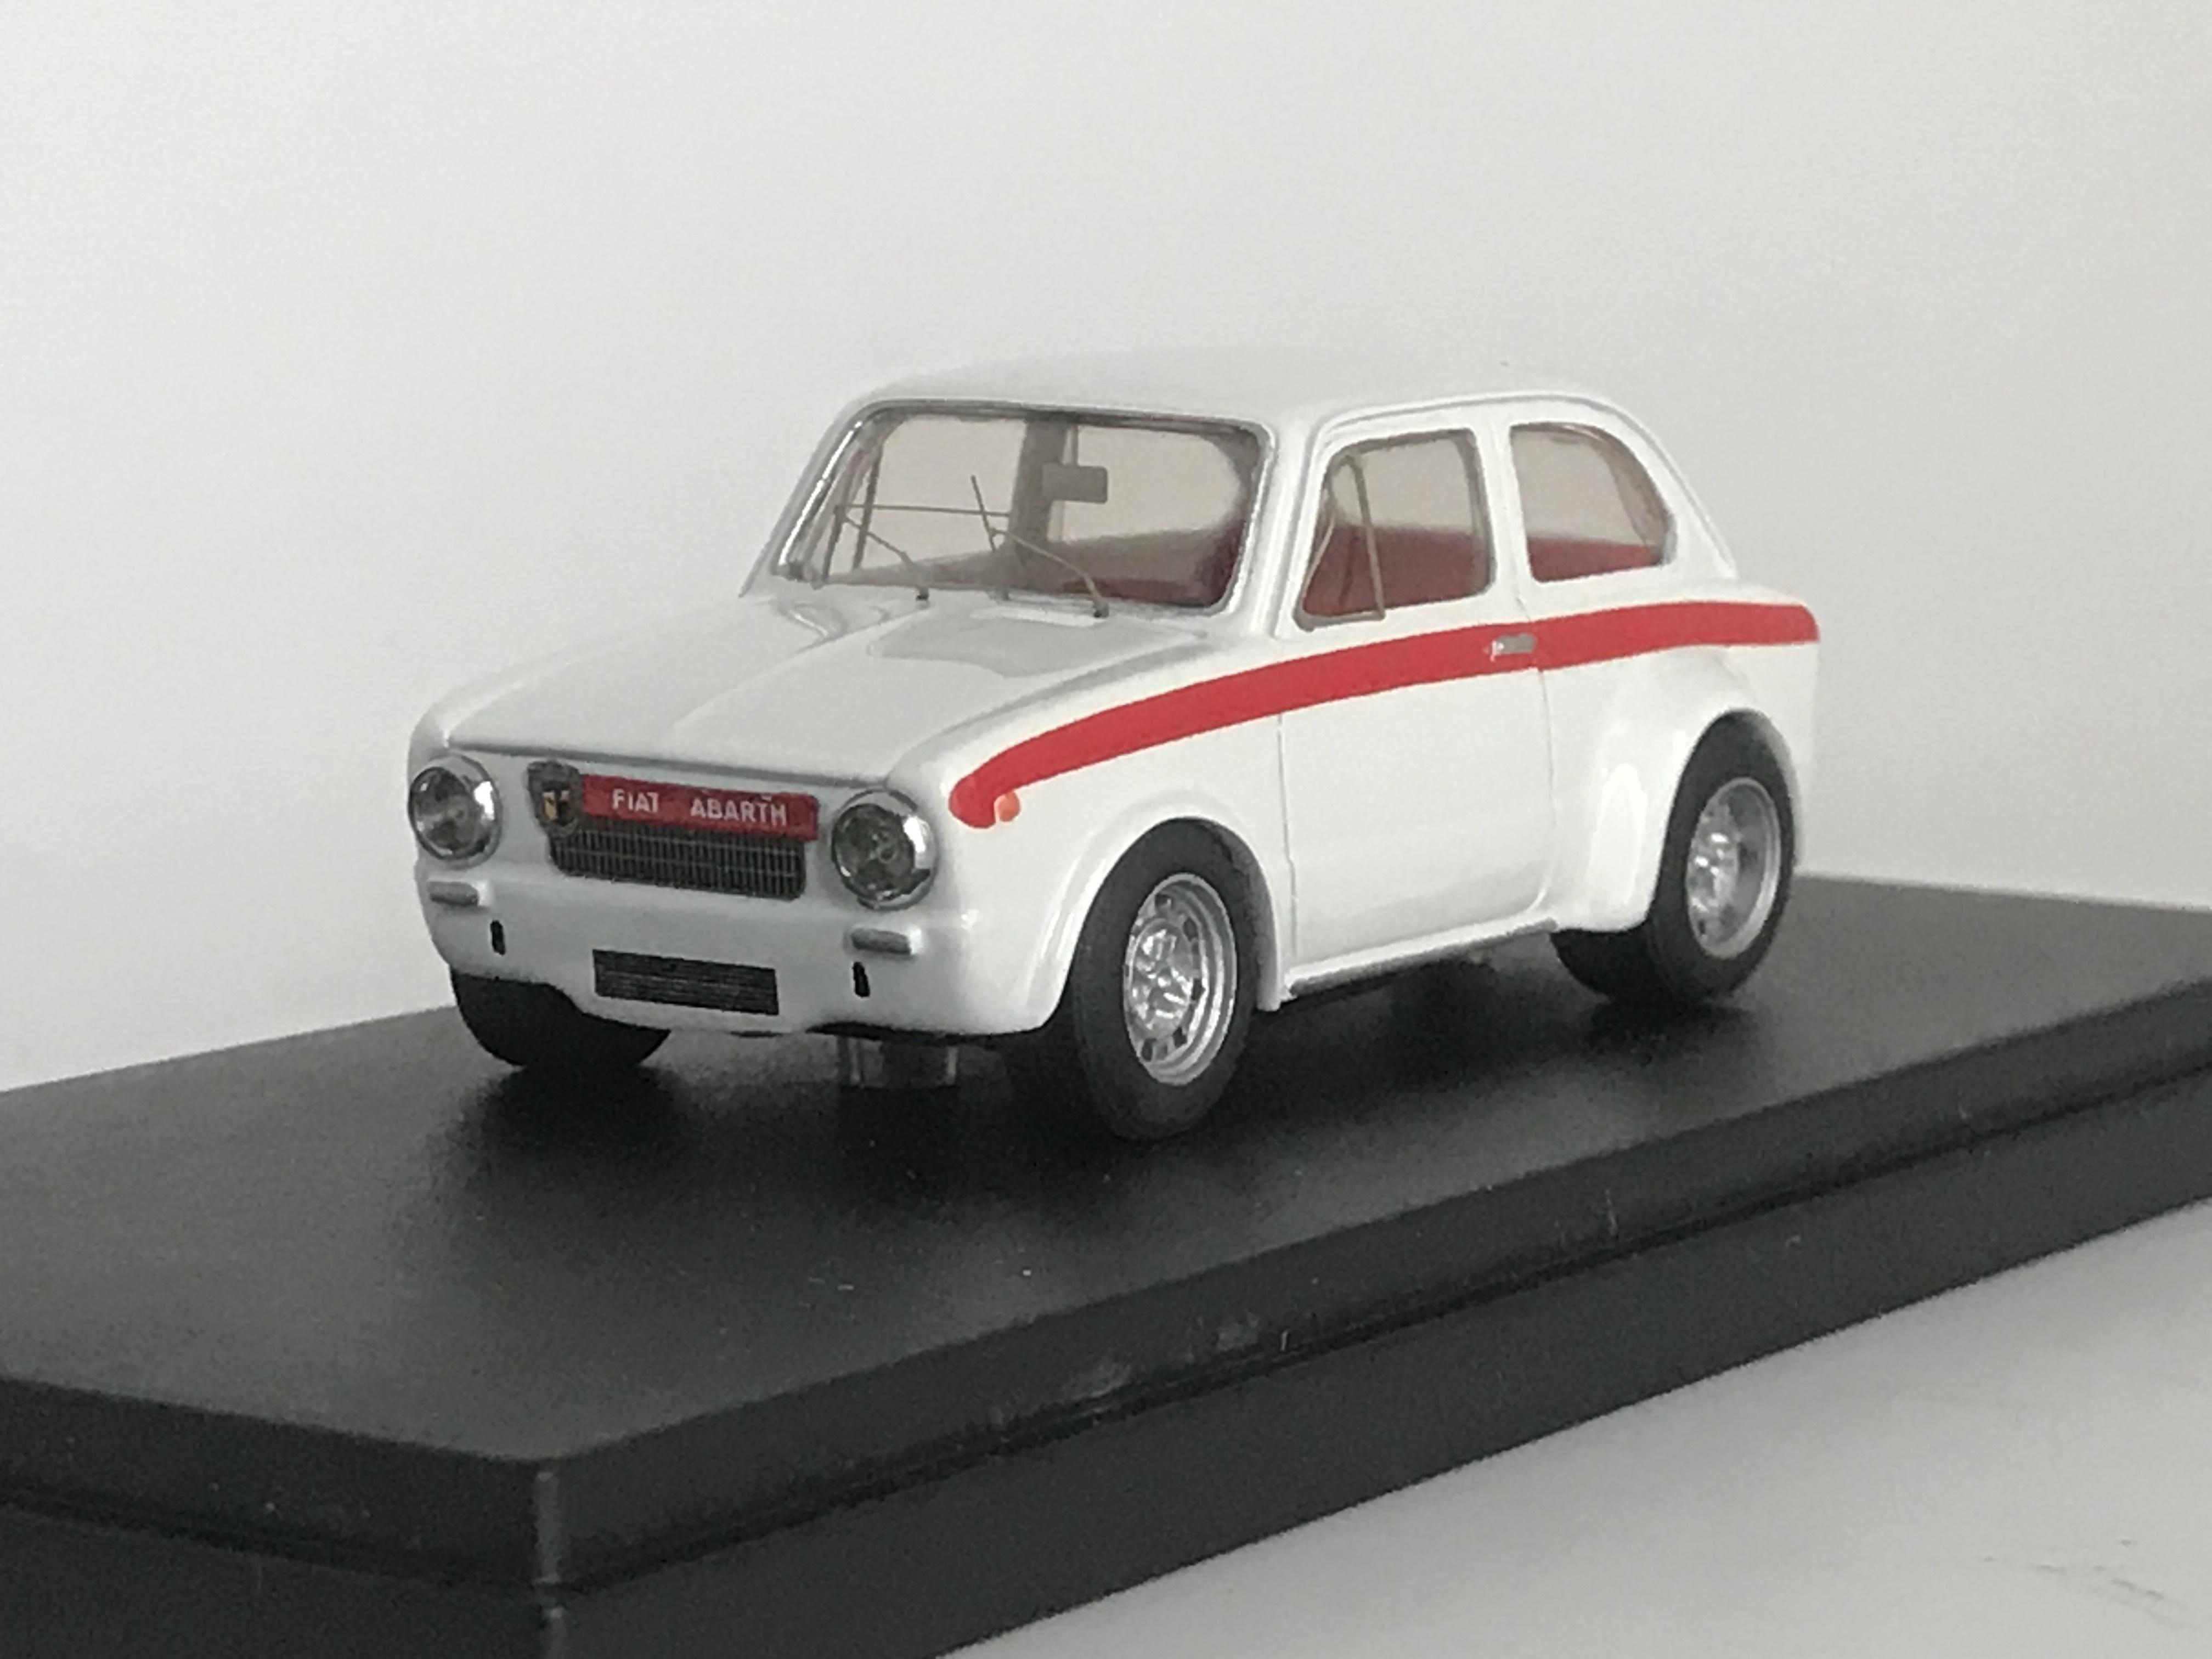 FIAT ABARTH OT1000 (1/43) 【TRON】